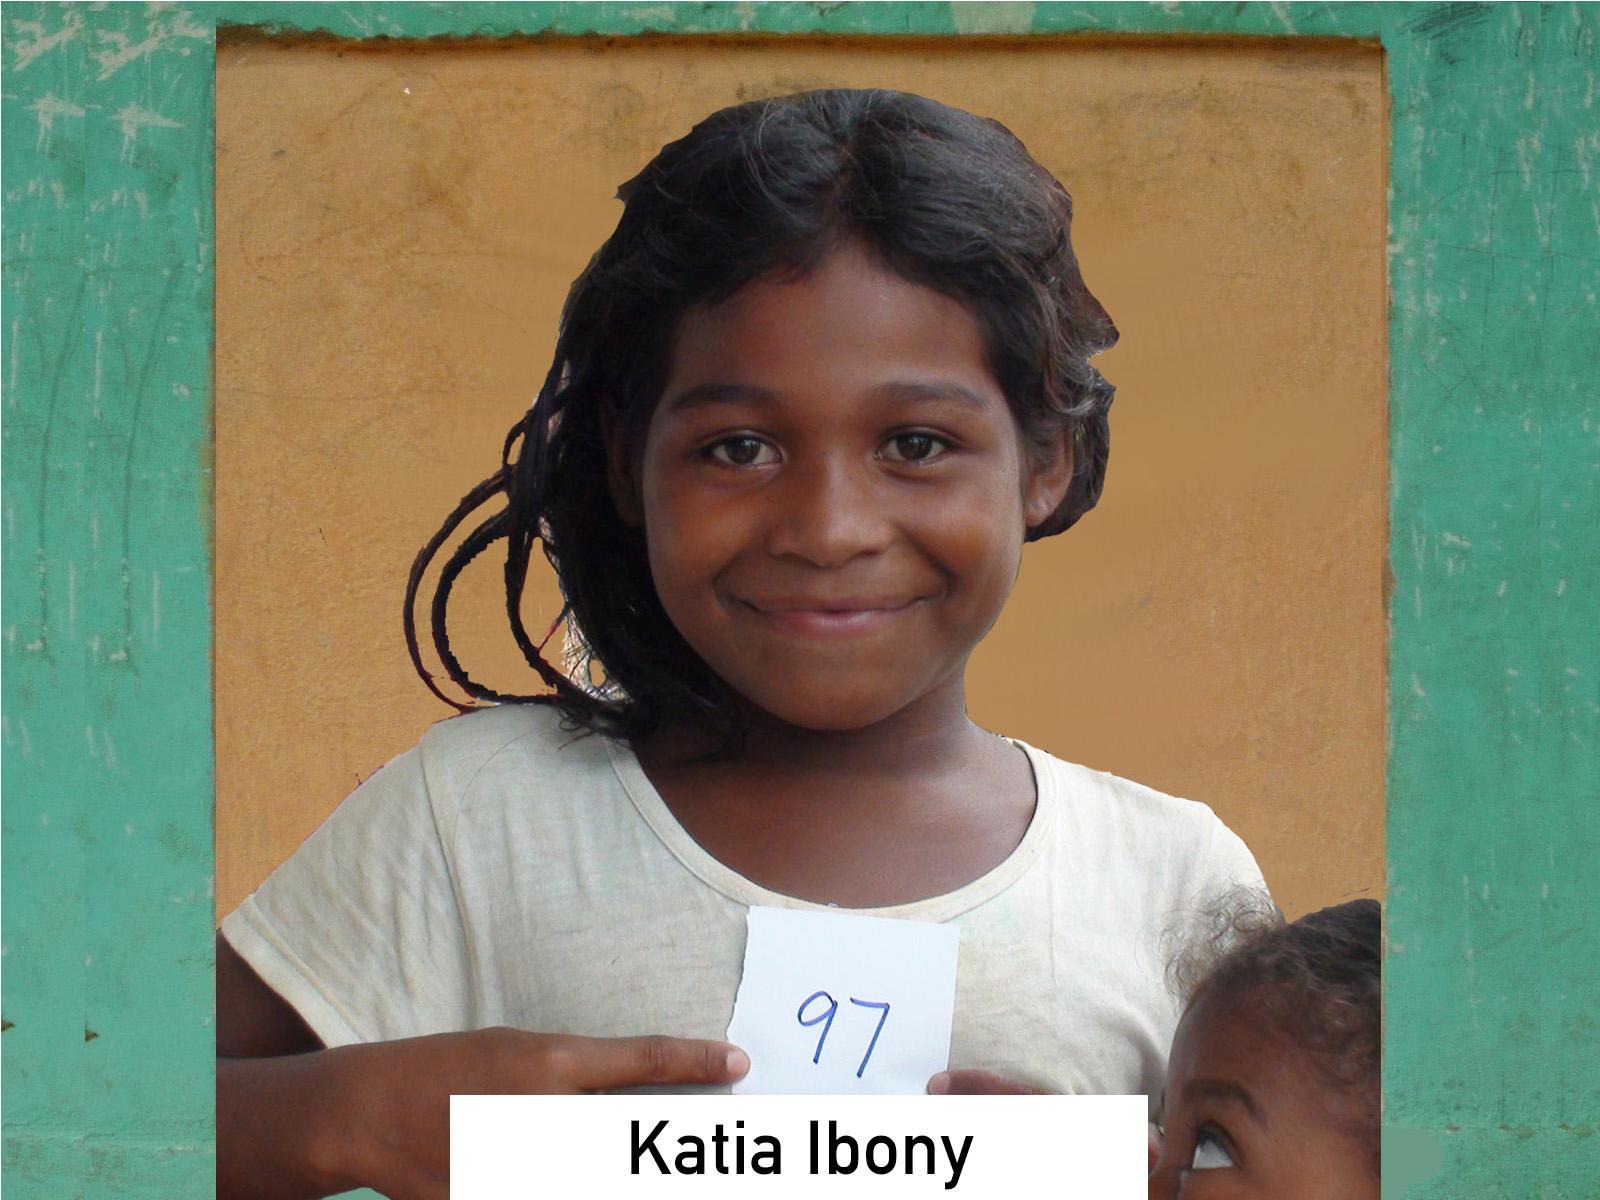 097 - Katia Ibony.jpg